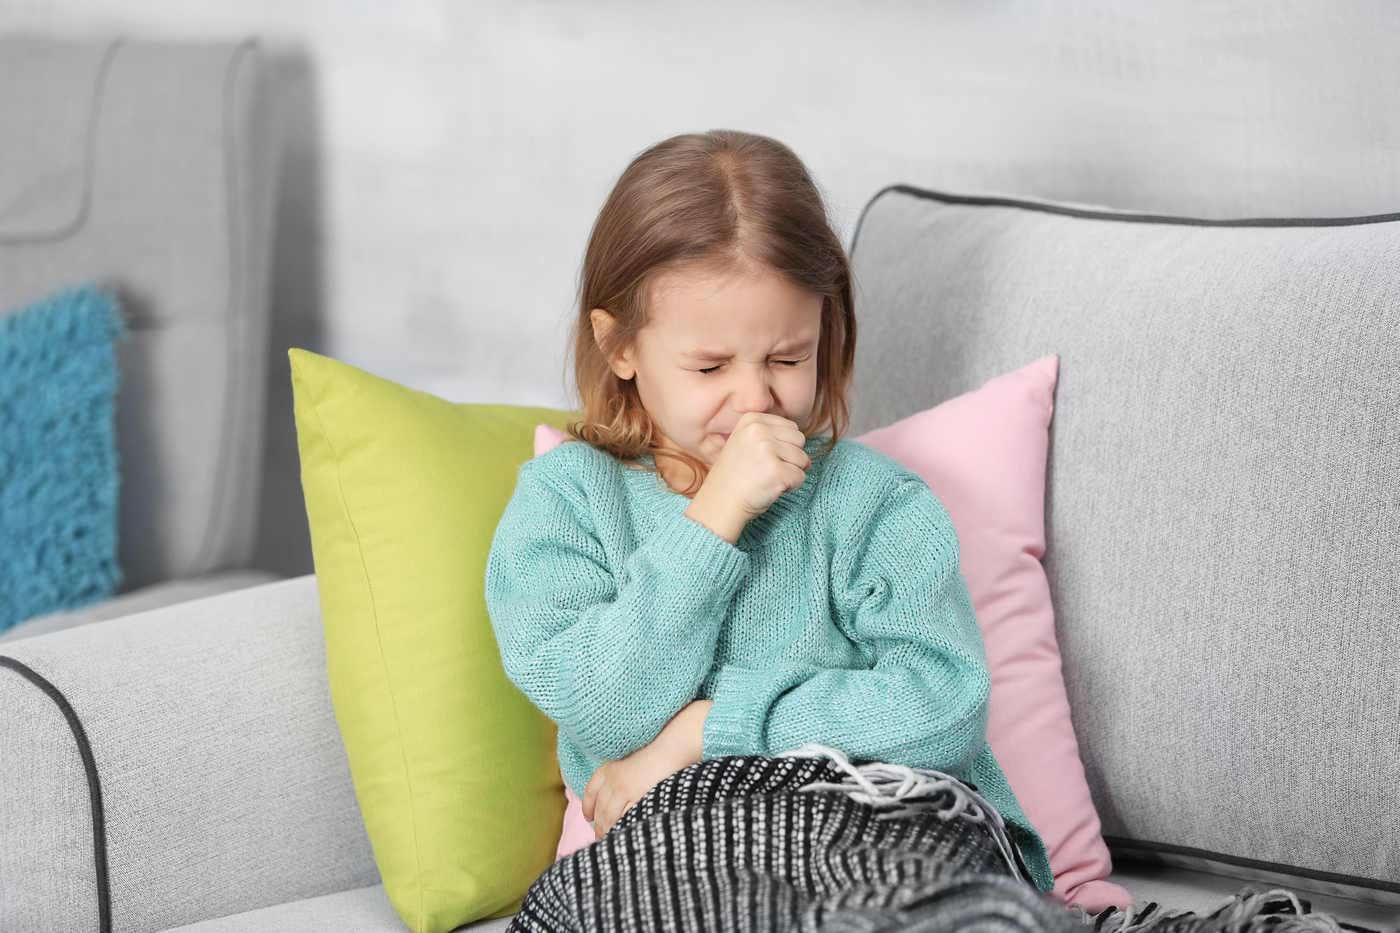 Tusea convulsivă (măgărească): tratament și remedii naturiste